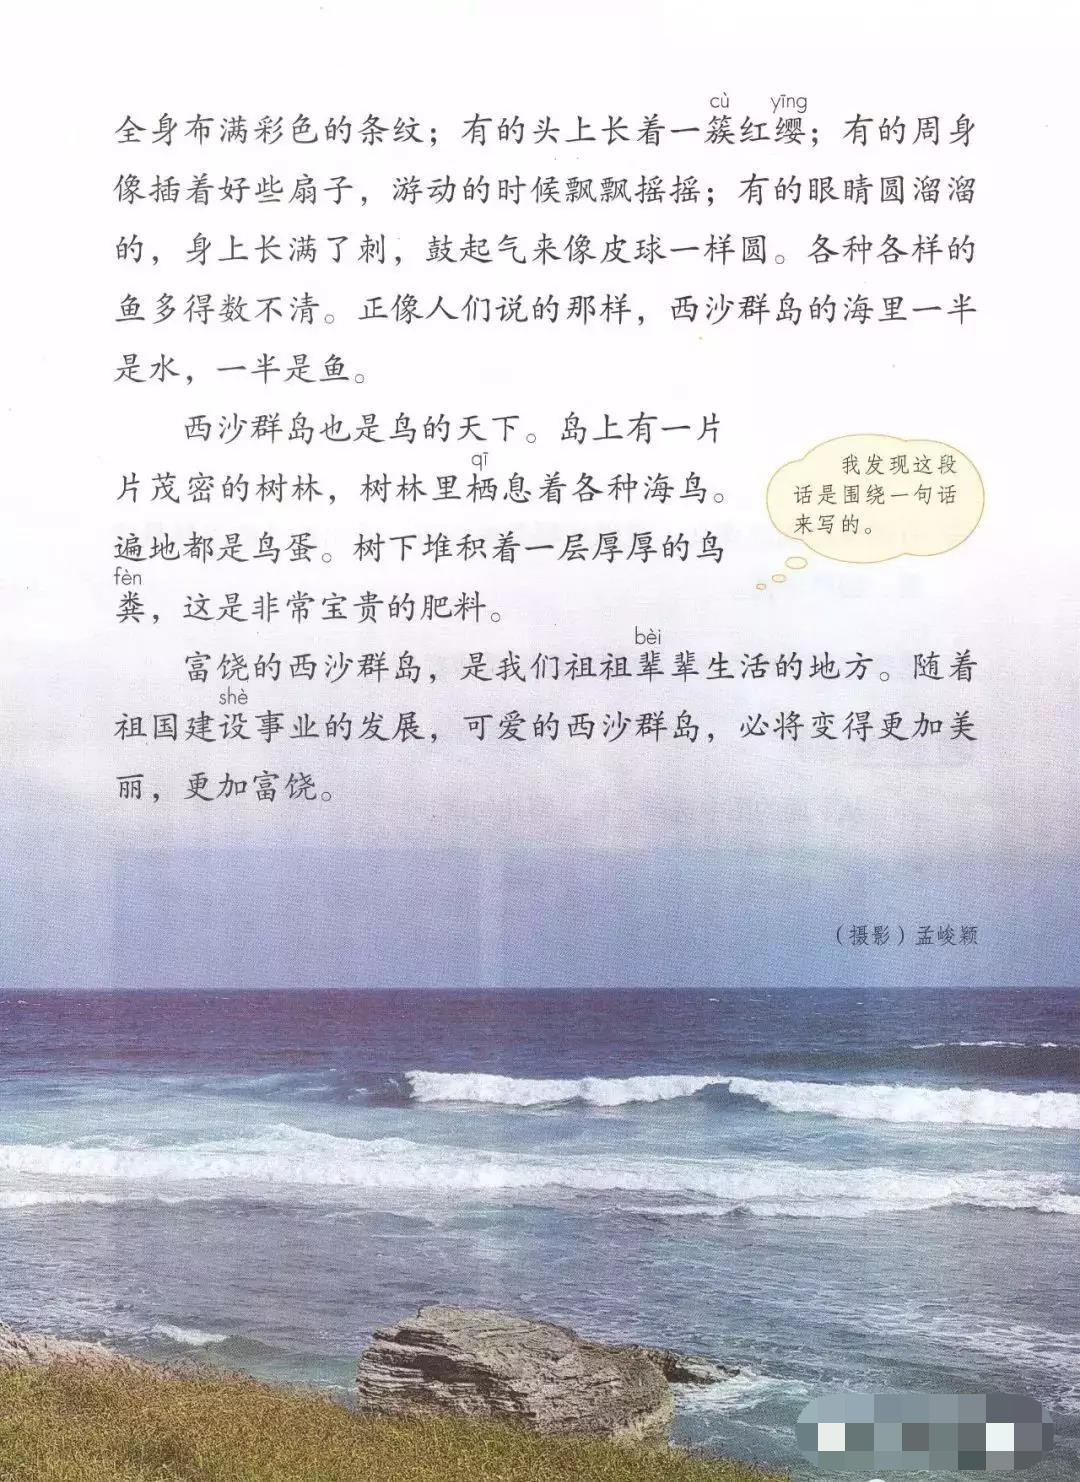 部编版三年级上册第18课《富饶的西沙群岛》知识点